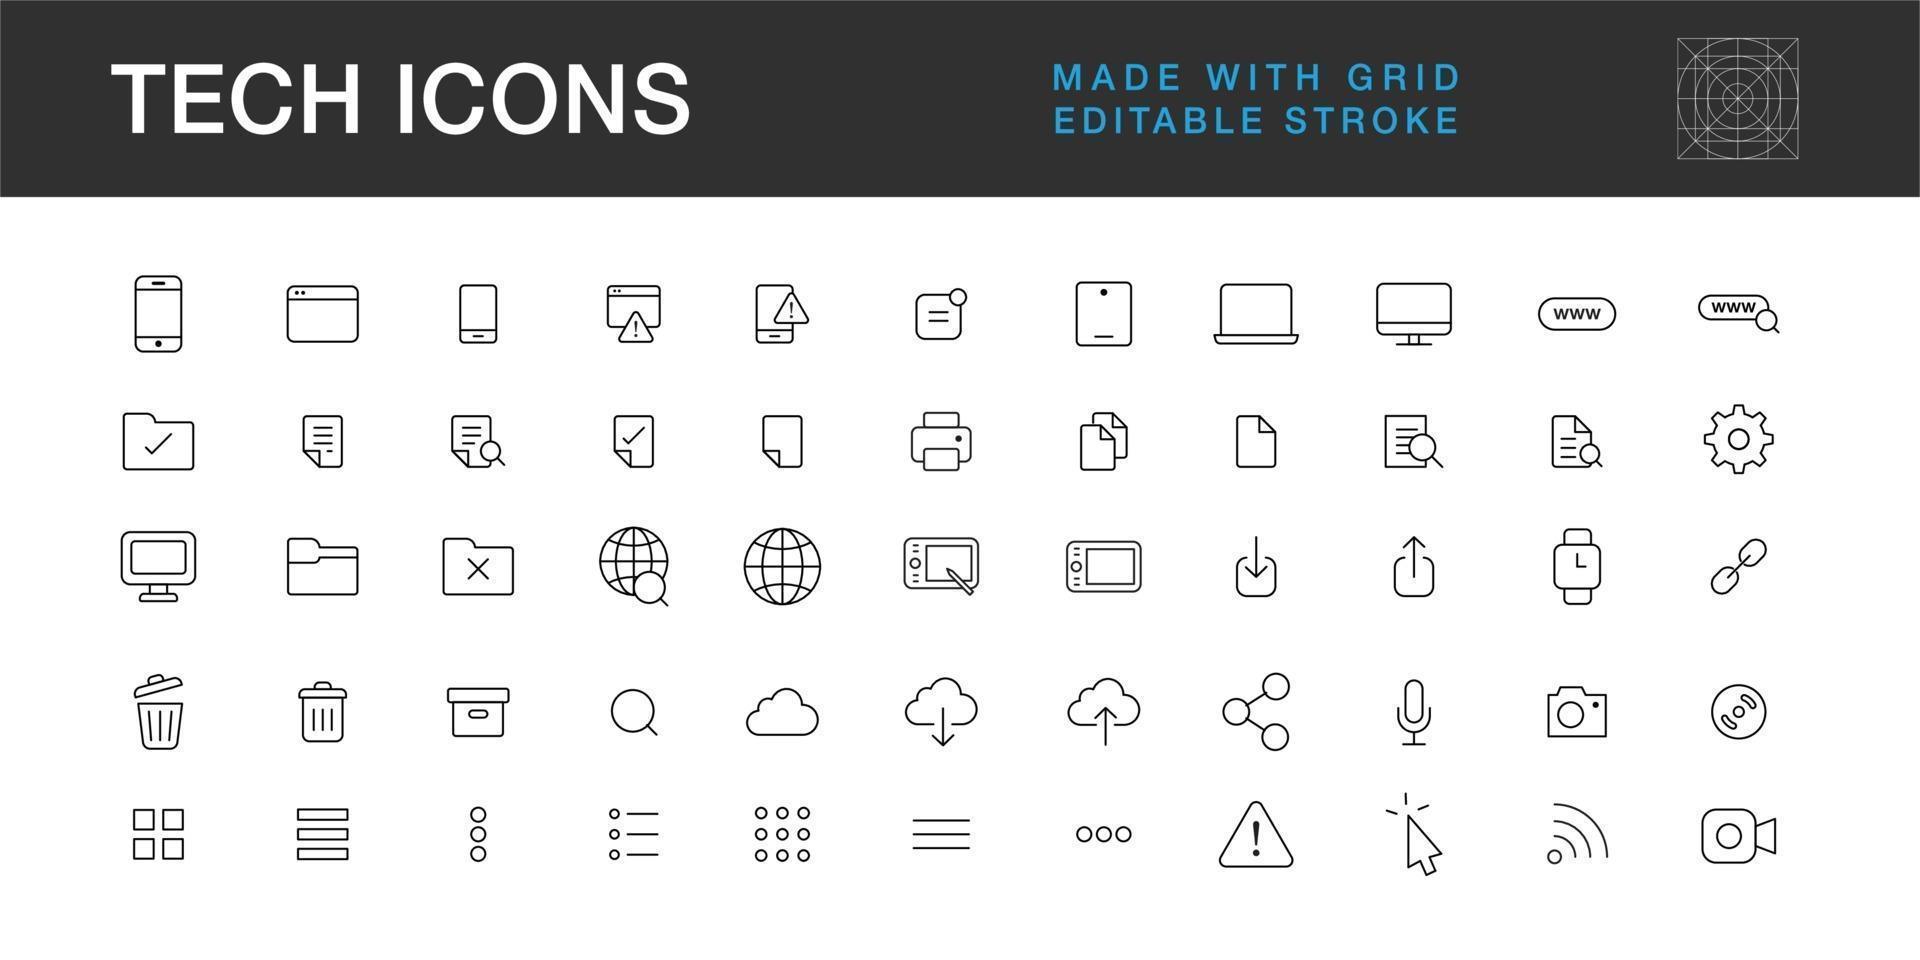 teknik ikoner pack, kommunikation mobil dator internet symbol och logotyper samling vektor